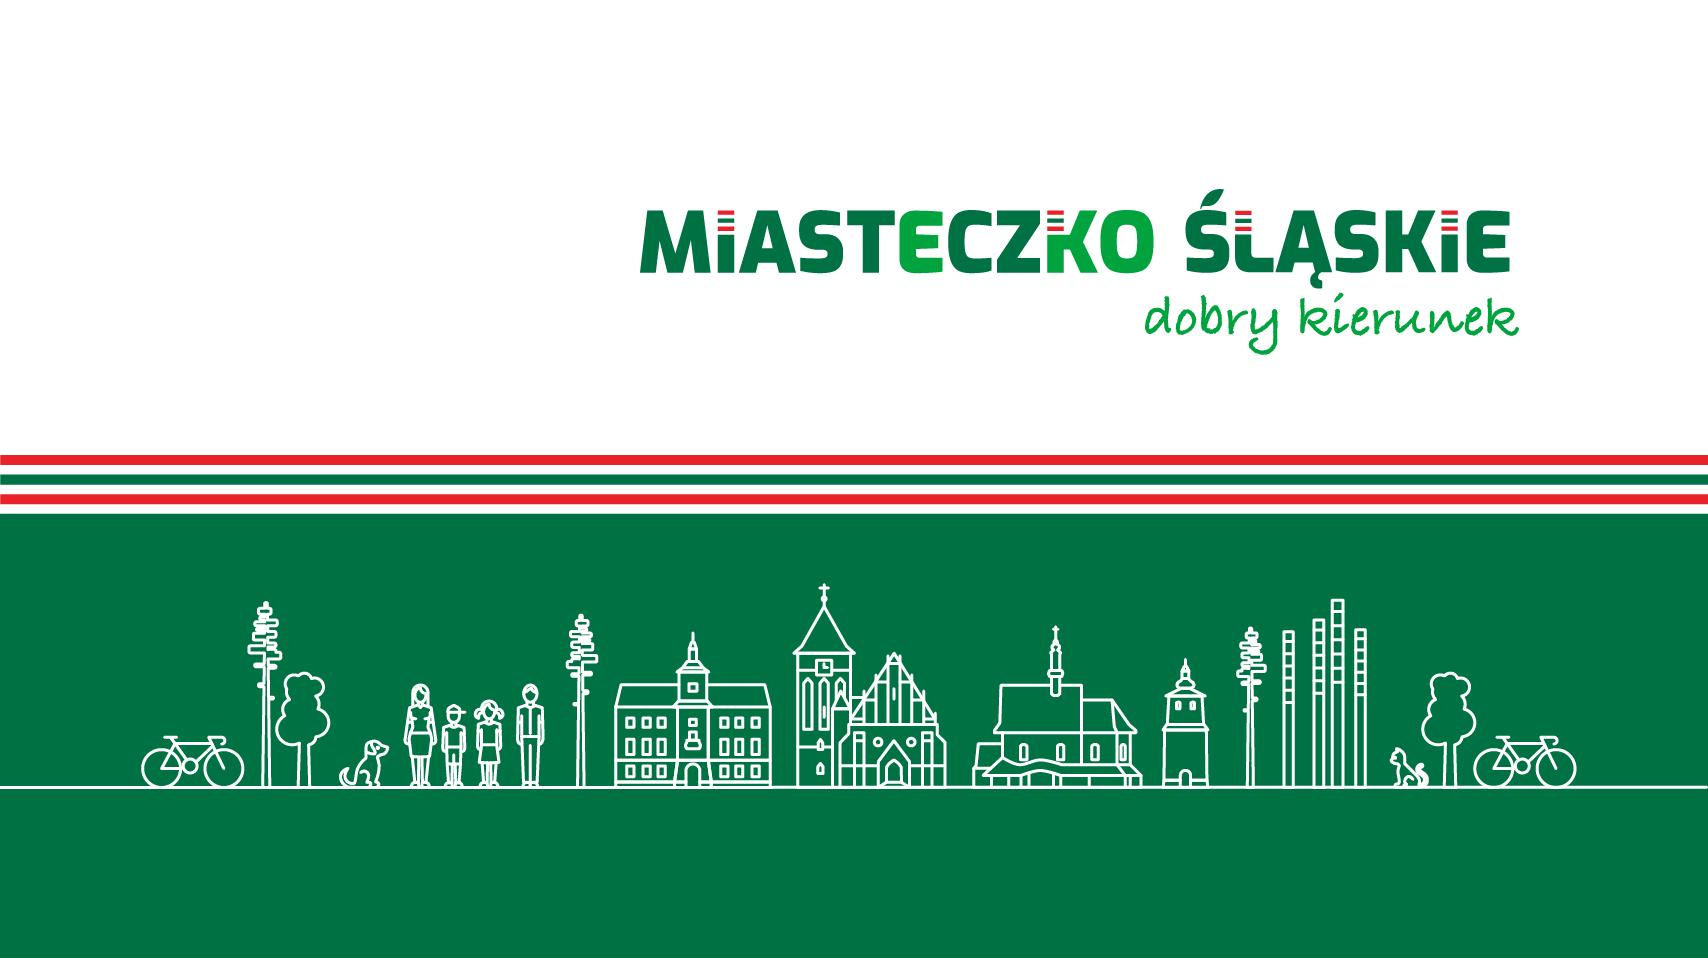 Funkcjonowanie Urzędu Miejskiego w Miasteczku Śląskim